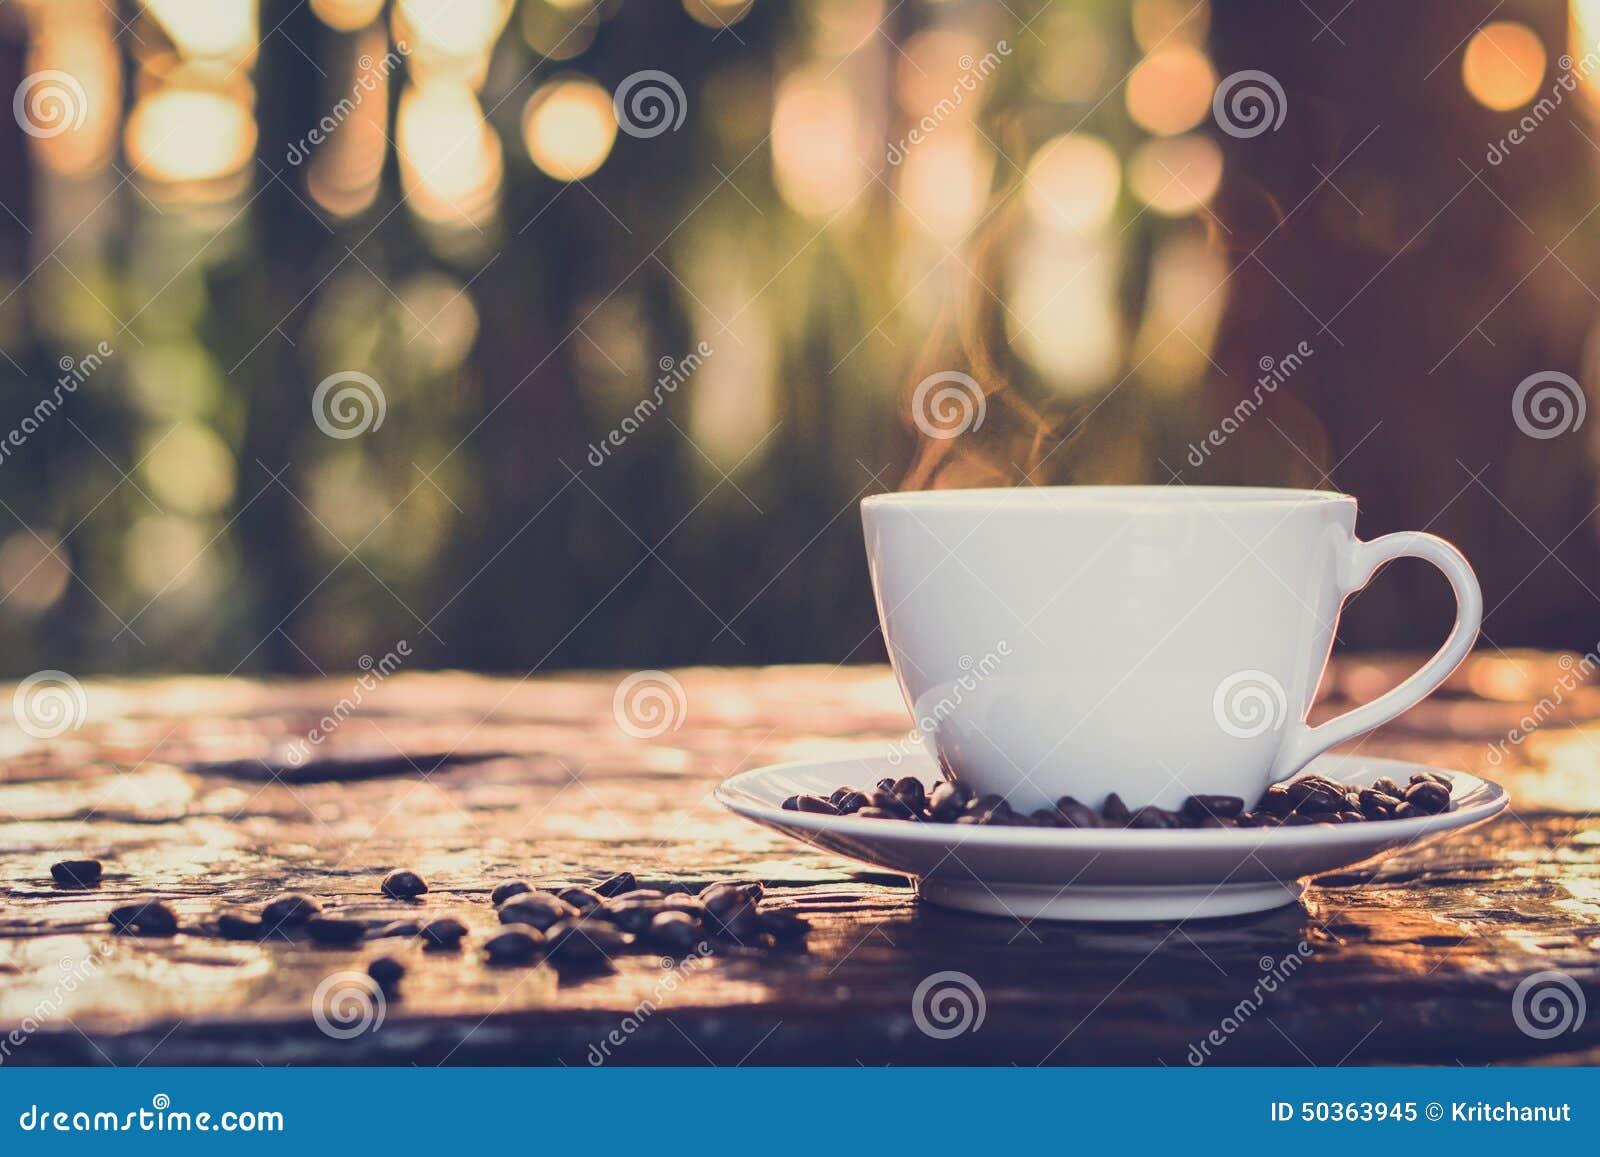 Café quente no copo na tabela de madeira velha com obscuridade do borrão - fundo verde da natureza